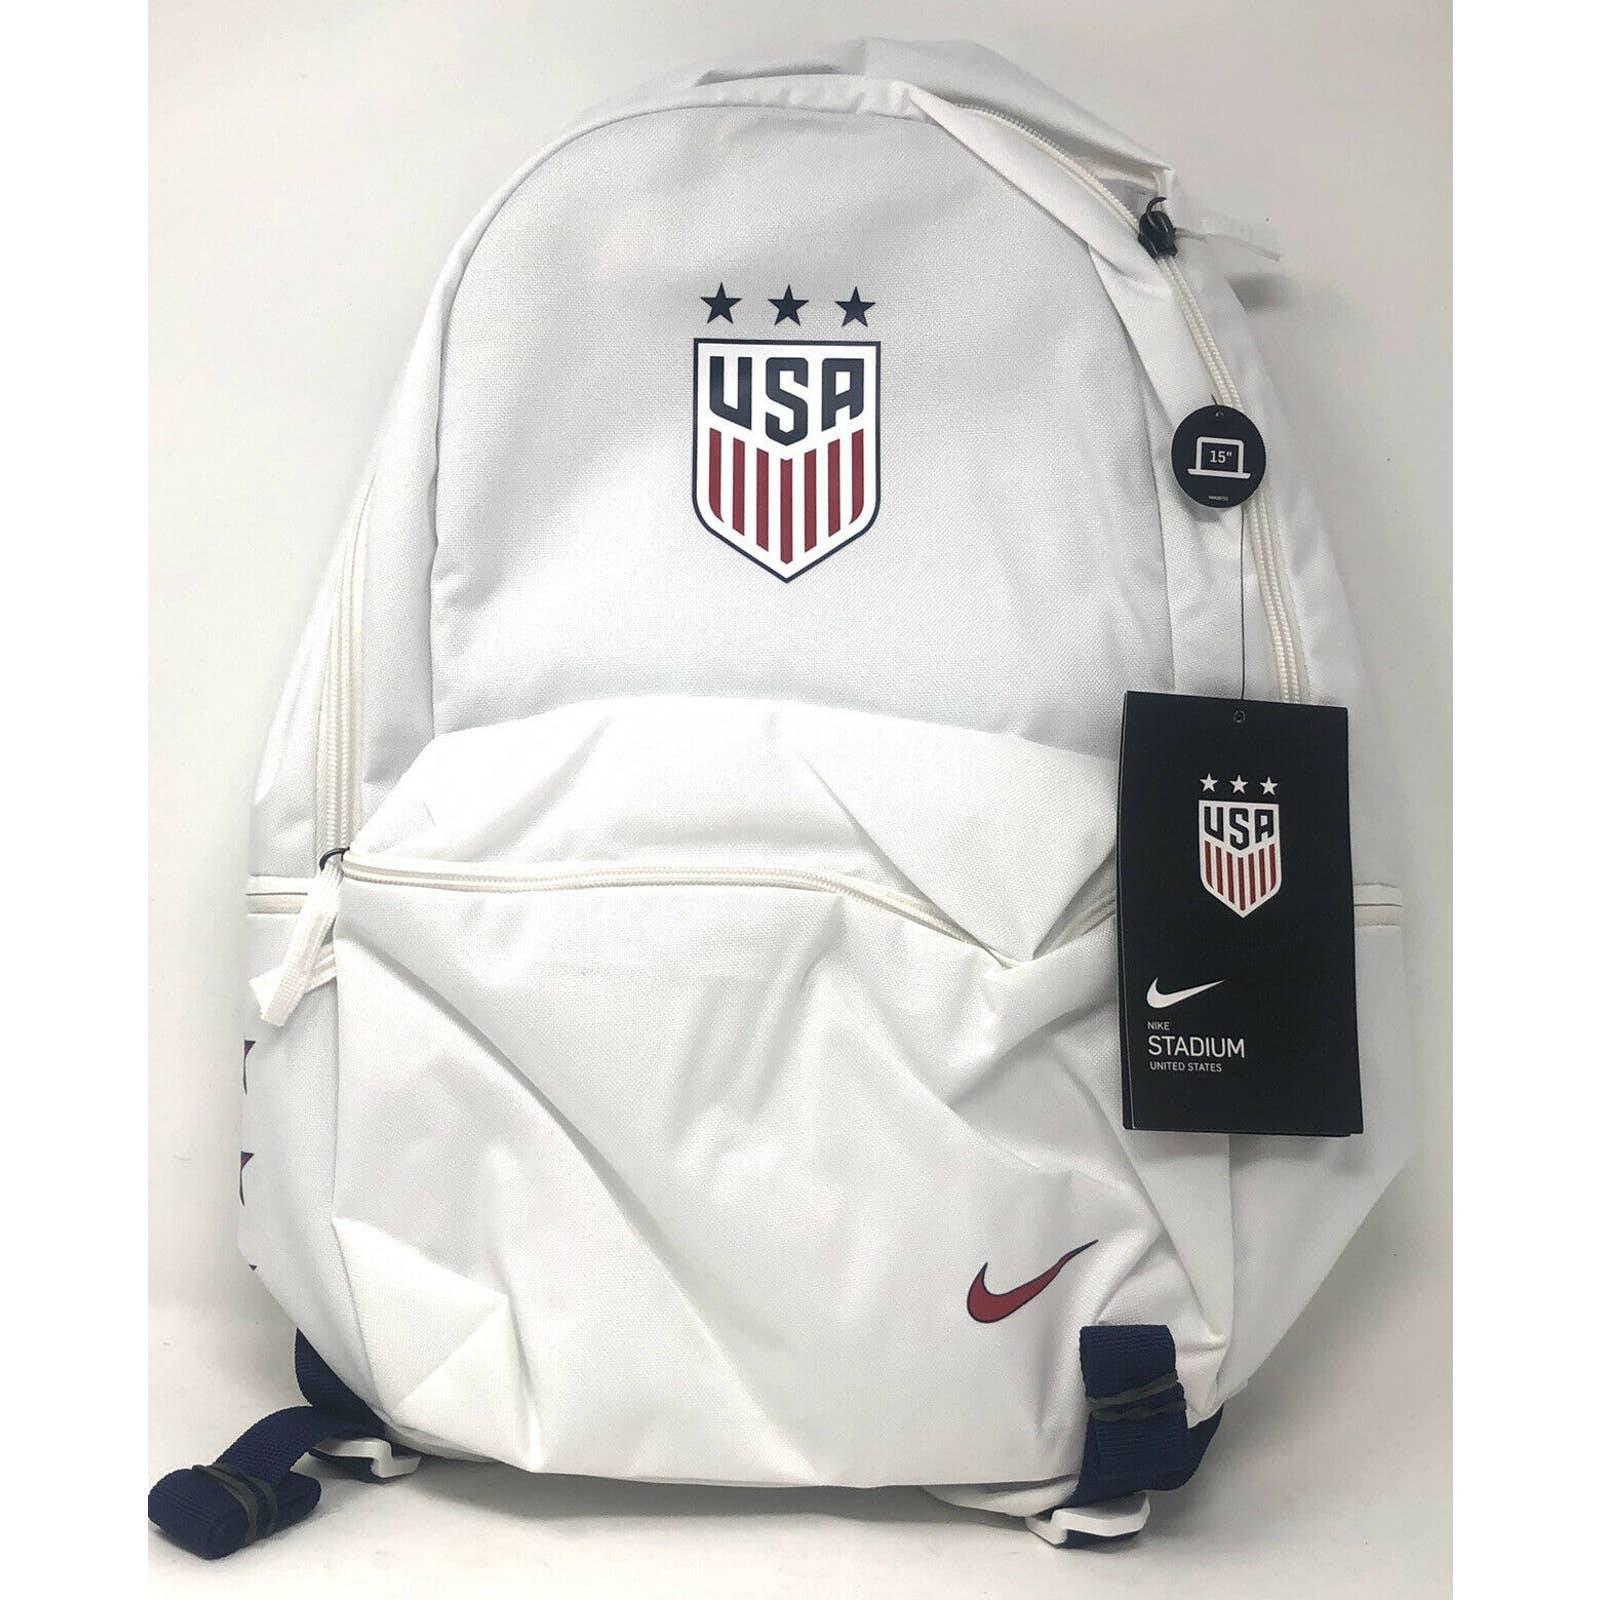 Nike USA Stadium Soccer Backpack white